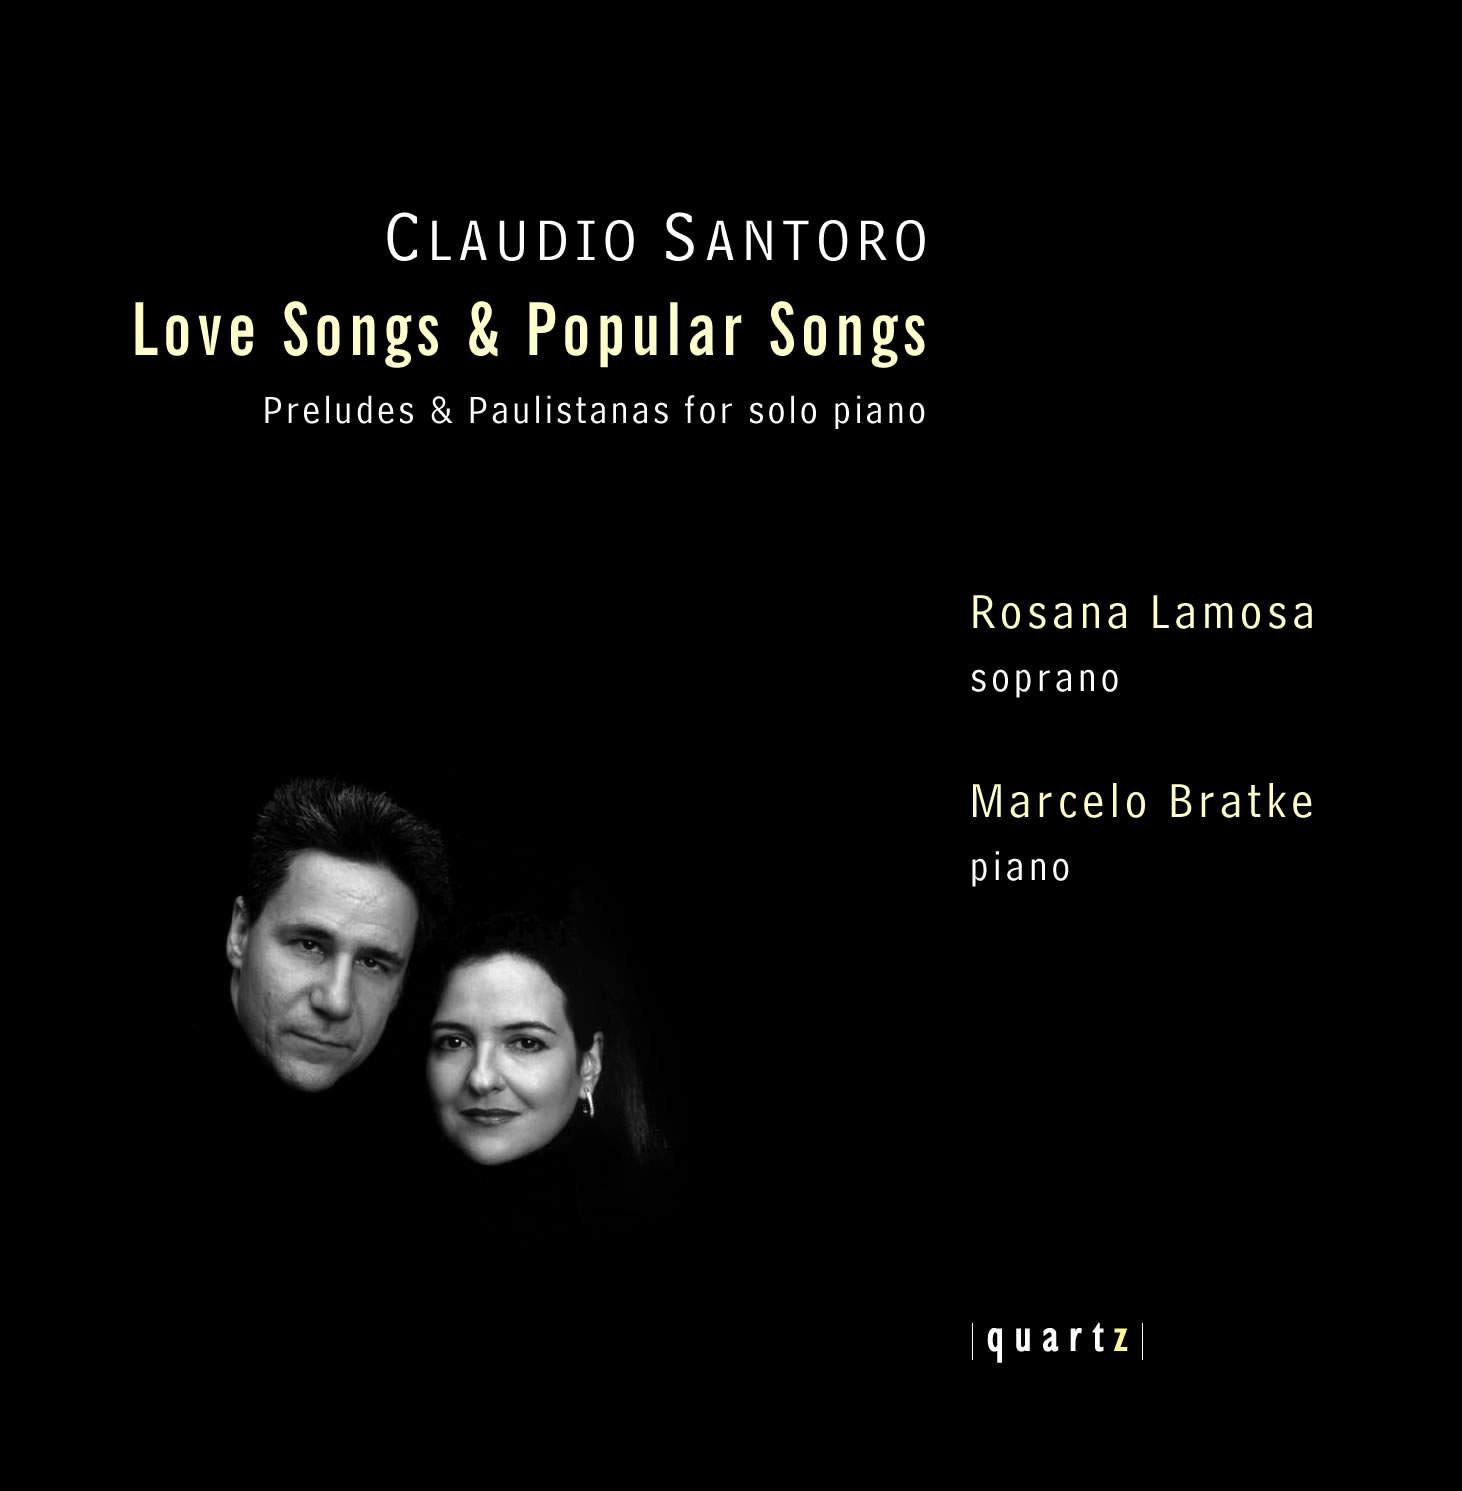 Marcelo Bratke (piano) and Rosana Lamosa (soprano)